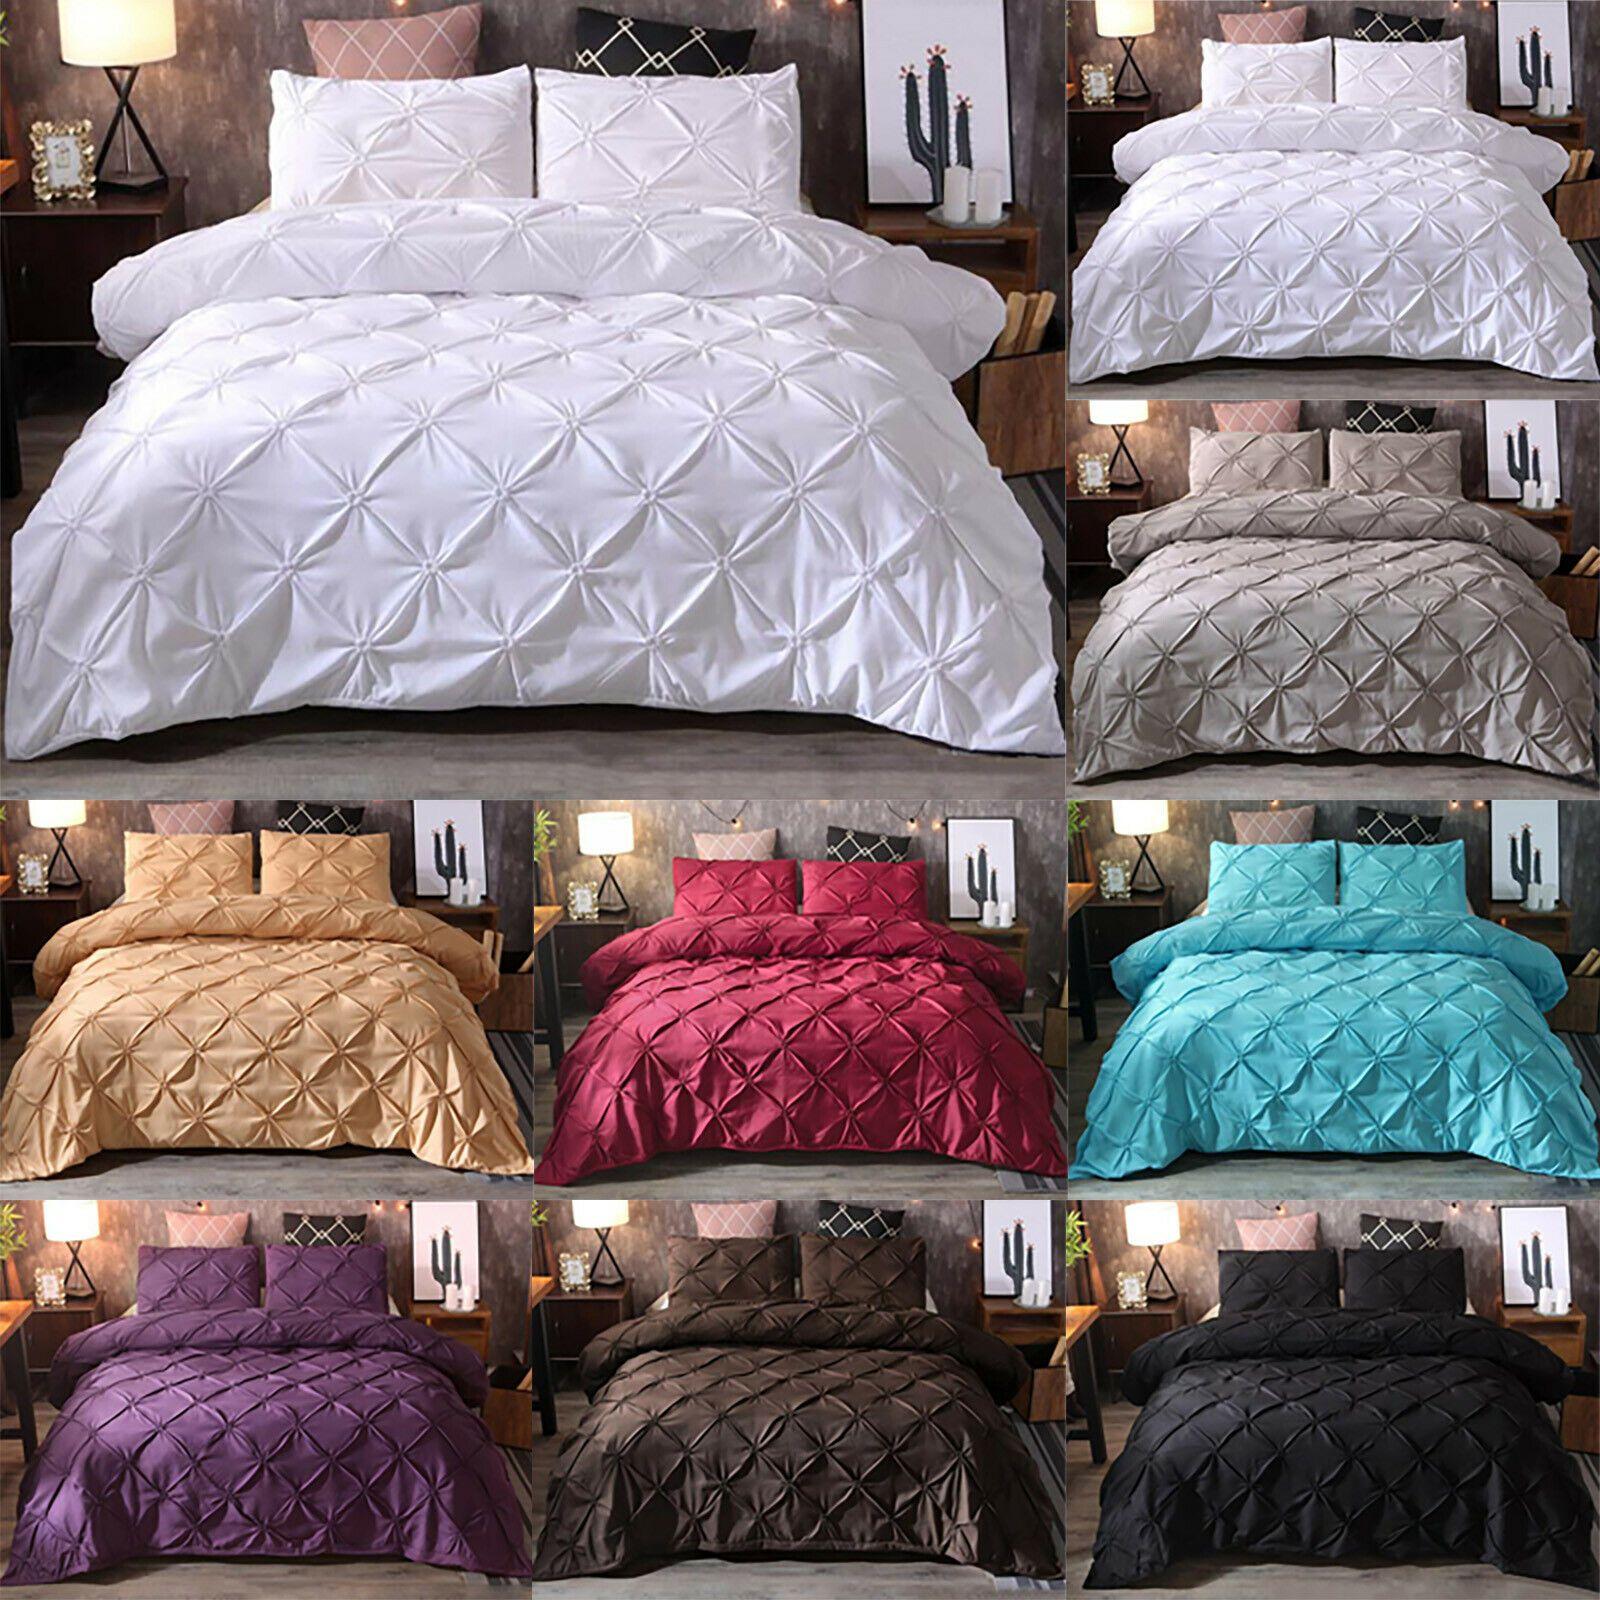 Https Ift Tt 2nnsukt Duvet Covers Ideas Of Duvet Covers Duvetcovers Solid Soft Duve Soft Comforter Bedding Comforter Duvet Cover Pintuck Duvet Cover